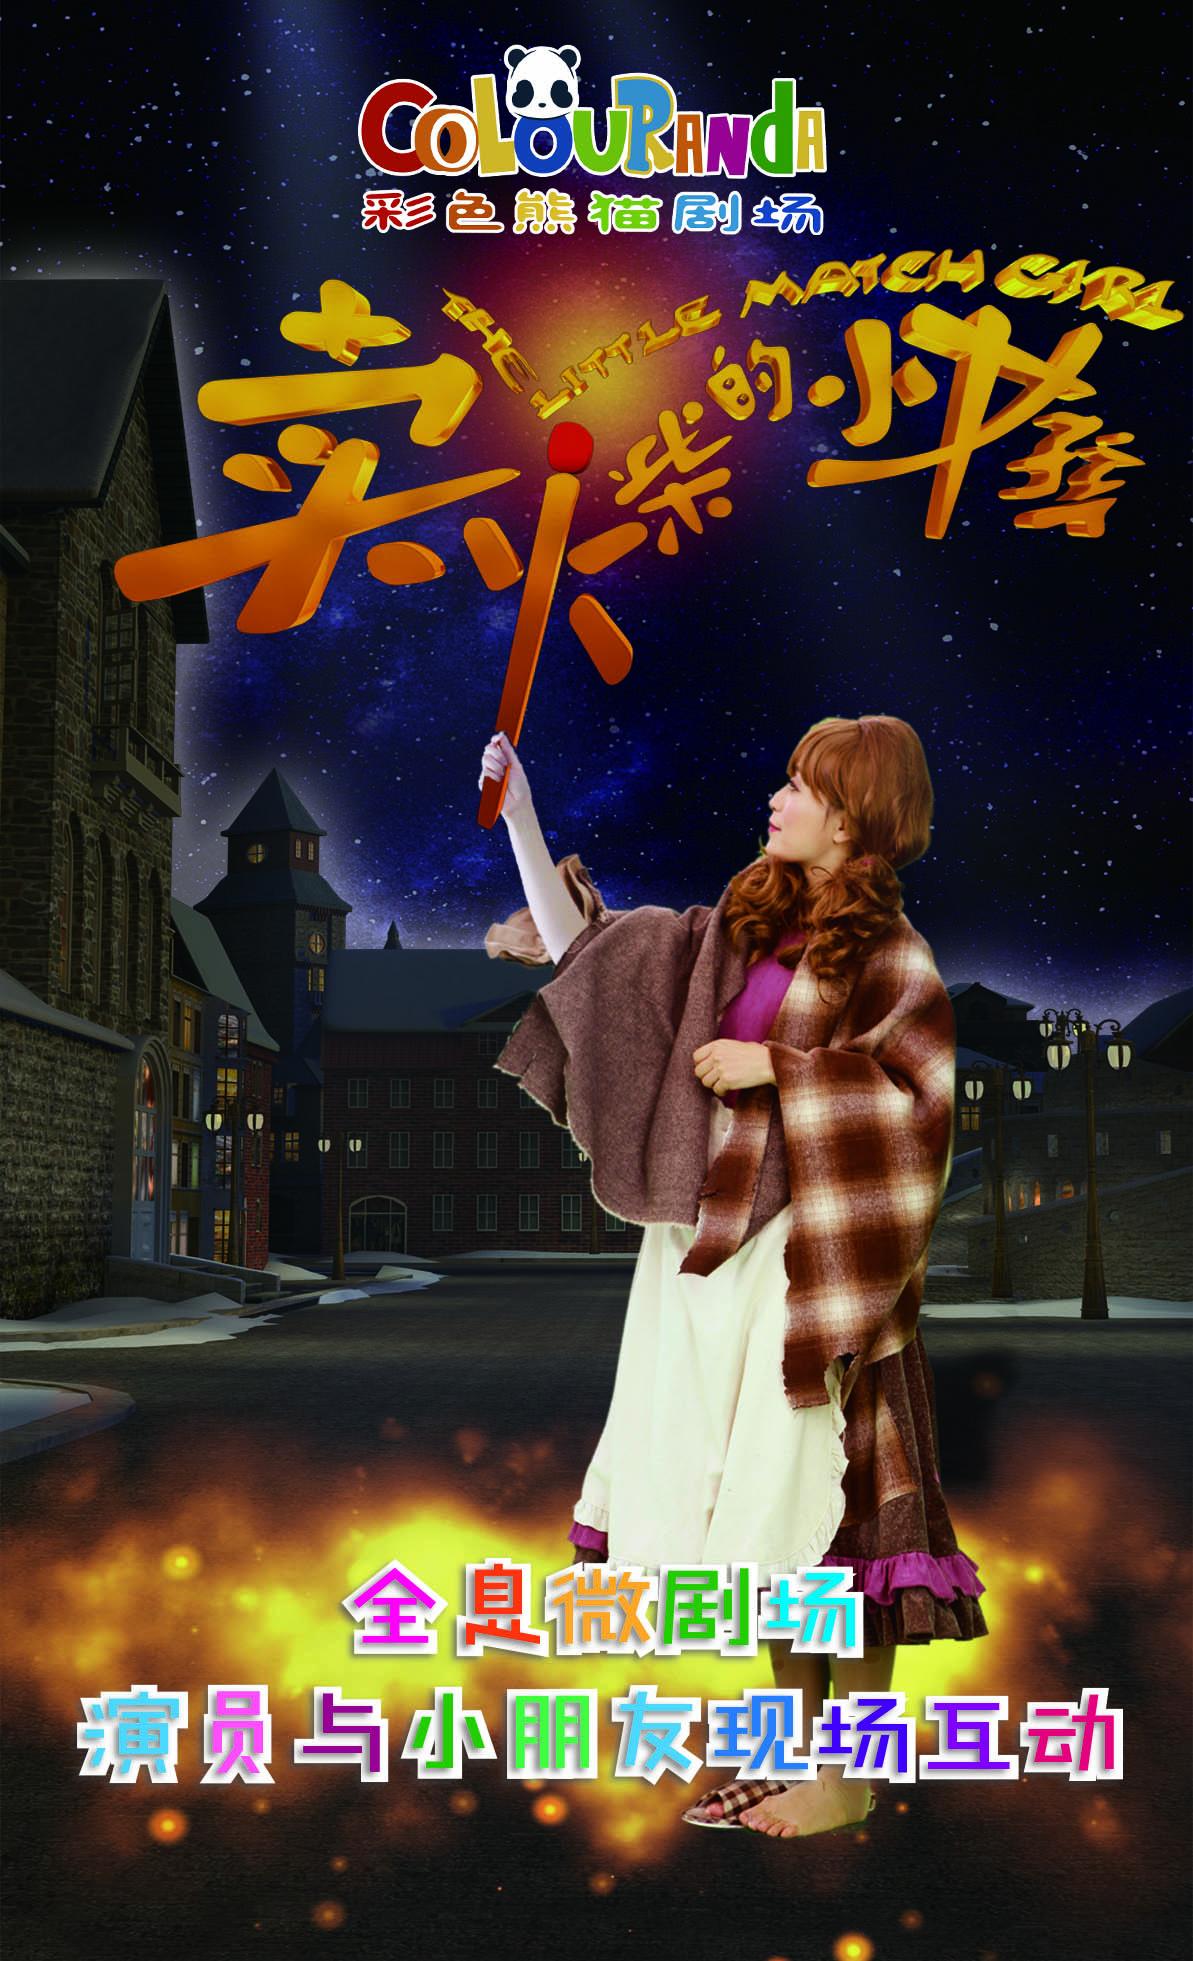 彩色熊猫剧场儿童剧《卖火柴的小女孩》成都站